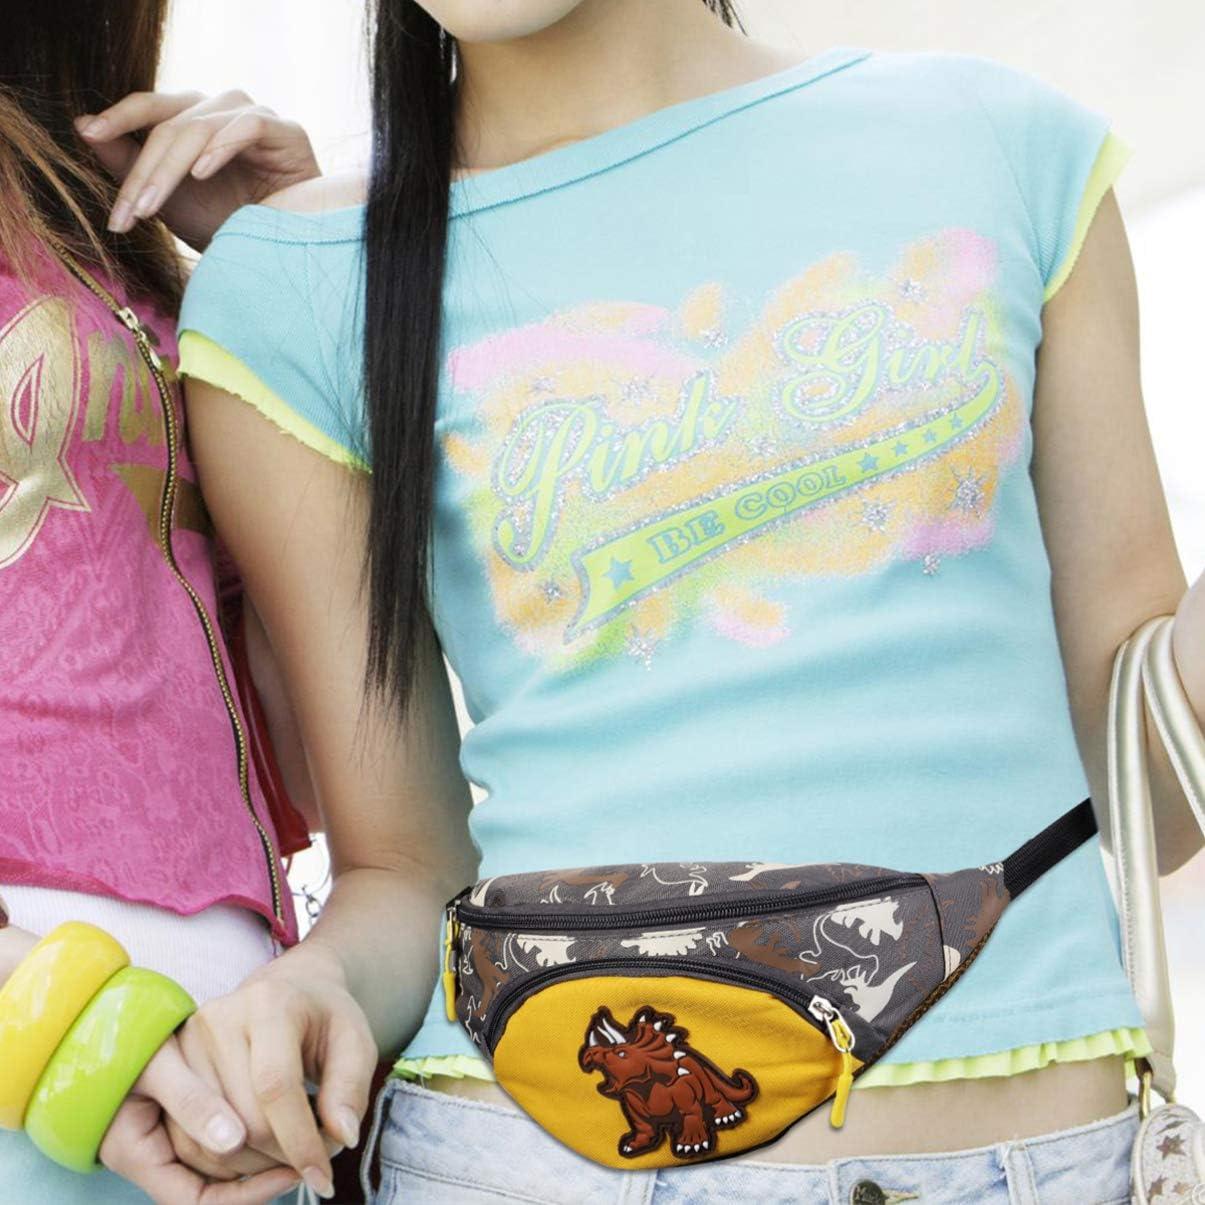 TENDYCOCO Pack Banane pour Enfants Dessin anim/é Mignon Dinosaure Taille Sac Poitrine Sac Pochette pour Les Tout-Petits Adolescents-Jaune